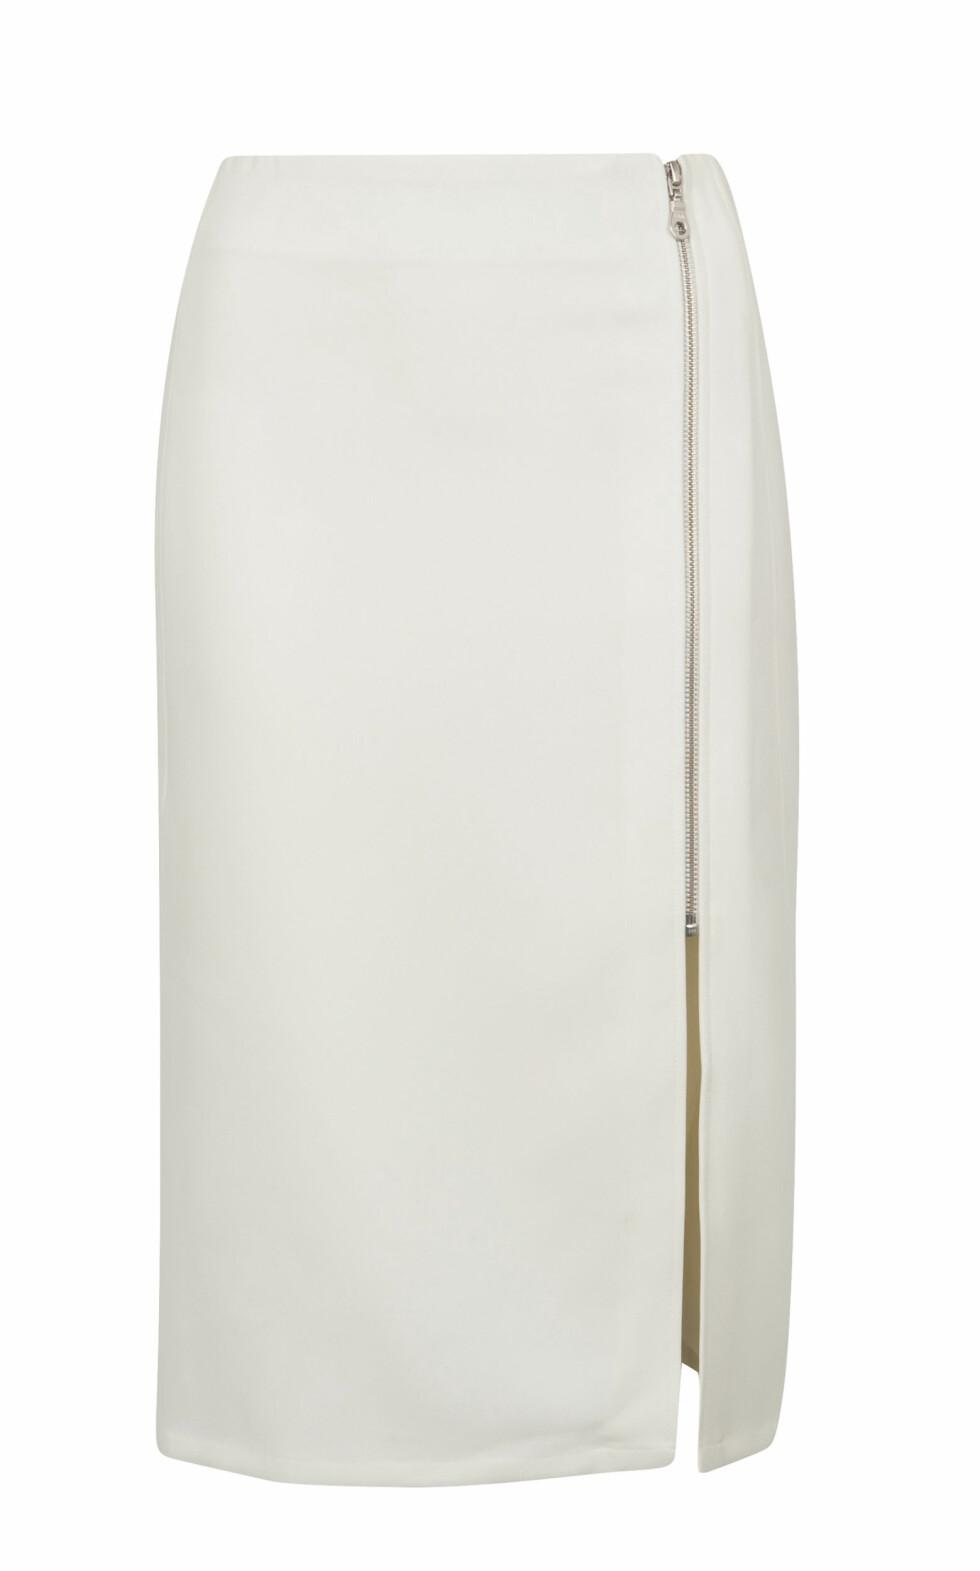 Hvitt med glidelås (kr 2190, Fwss).